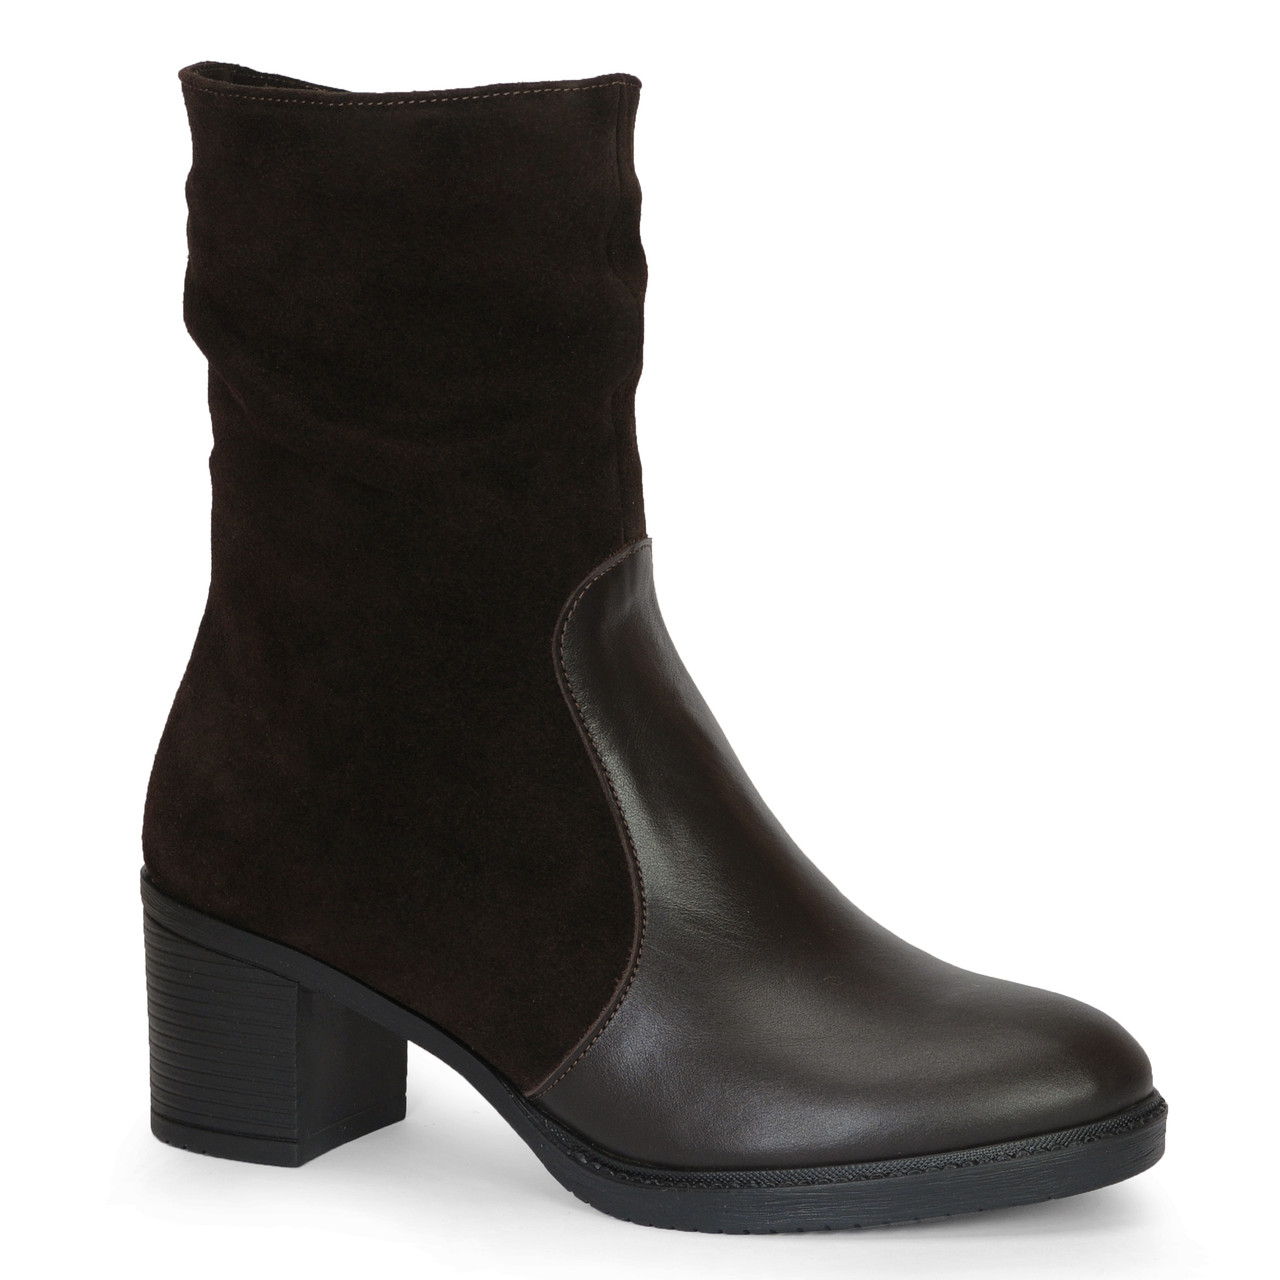 Женские кожаные ботинки TIFFANY на среднем каблуке танкетке платформе